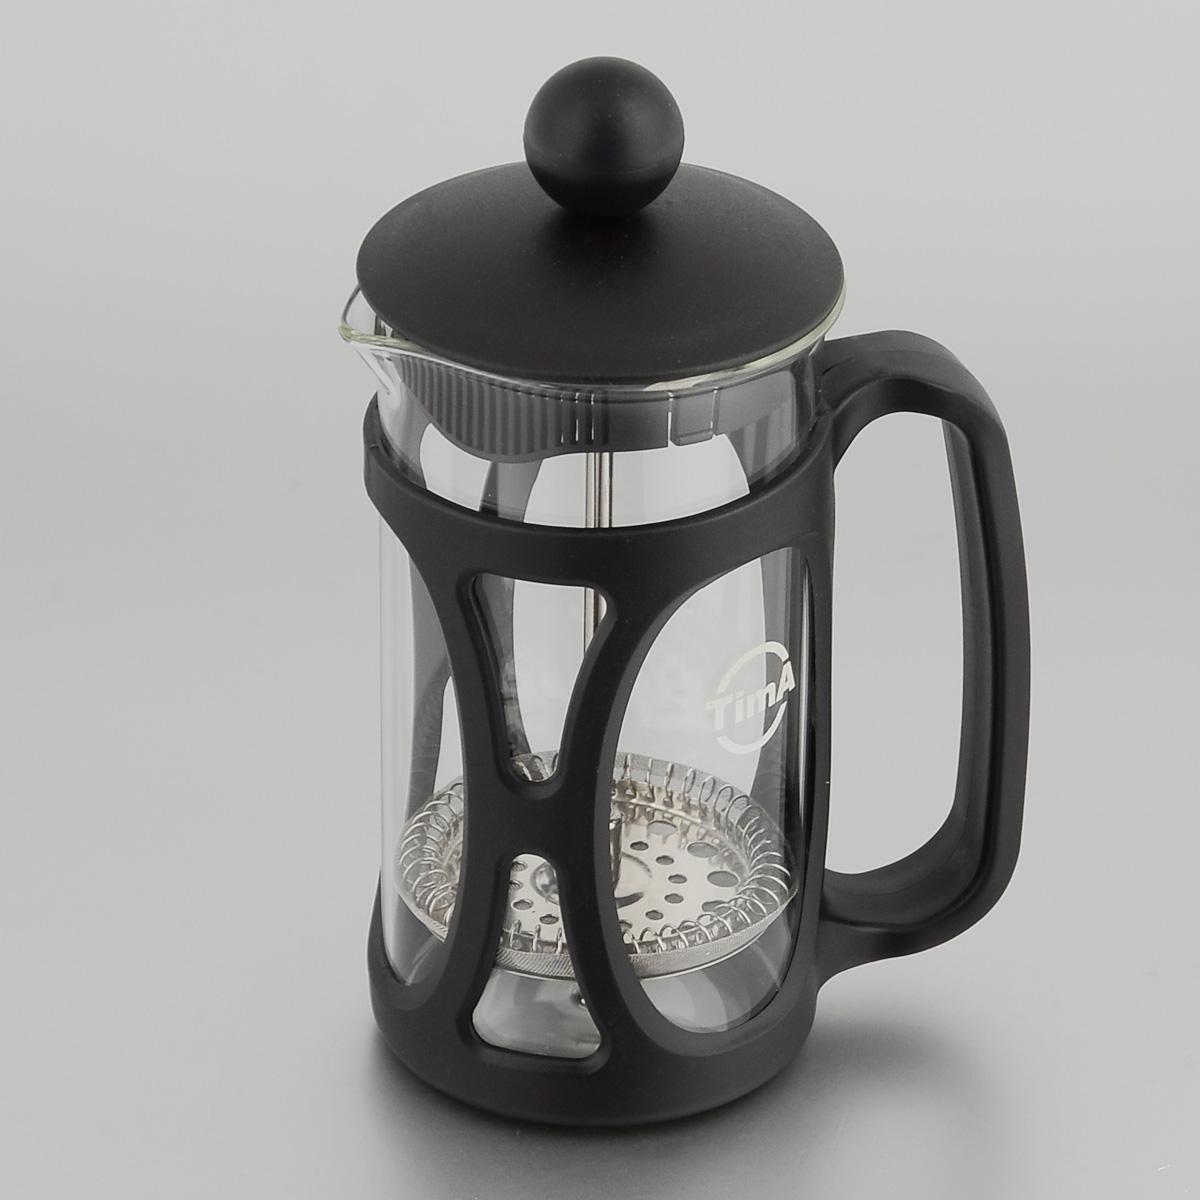 Френч-пресс TimA Маффин, 350 млPM-350Френч-пресс TimA Маффин, изготовленный из жаропрочного стекла и высококачественного пластика, это совершенный чайник для ежедневного использования. Изделие с плотной крышкой и удобной ручкой имеет специальный поршень с фильтром из нержавеющей стали для отделения чайных листьев от воды. После заваривания чая фильтр не надо вынимать. Заваривание чая - это приятное и легкое занятие. Френч-пресс TimA Маффин займет достойное место на вашей кухне. Нельзя мыть в посудомоечной машине. Объем: 350 мл. Диаметр (по верхнему краю): 7 см. Высота (без учета крышки): 13,5 см.